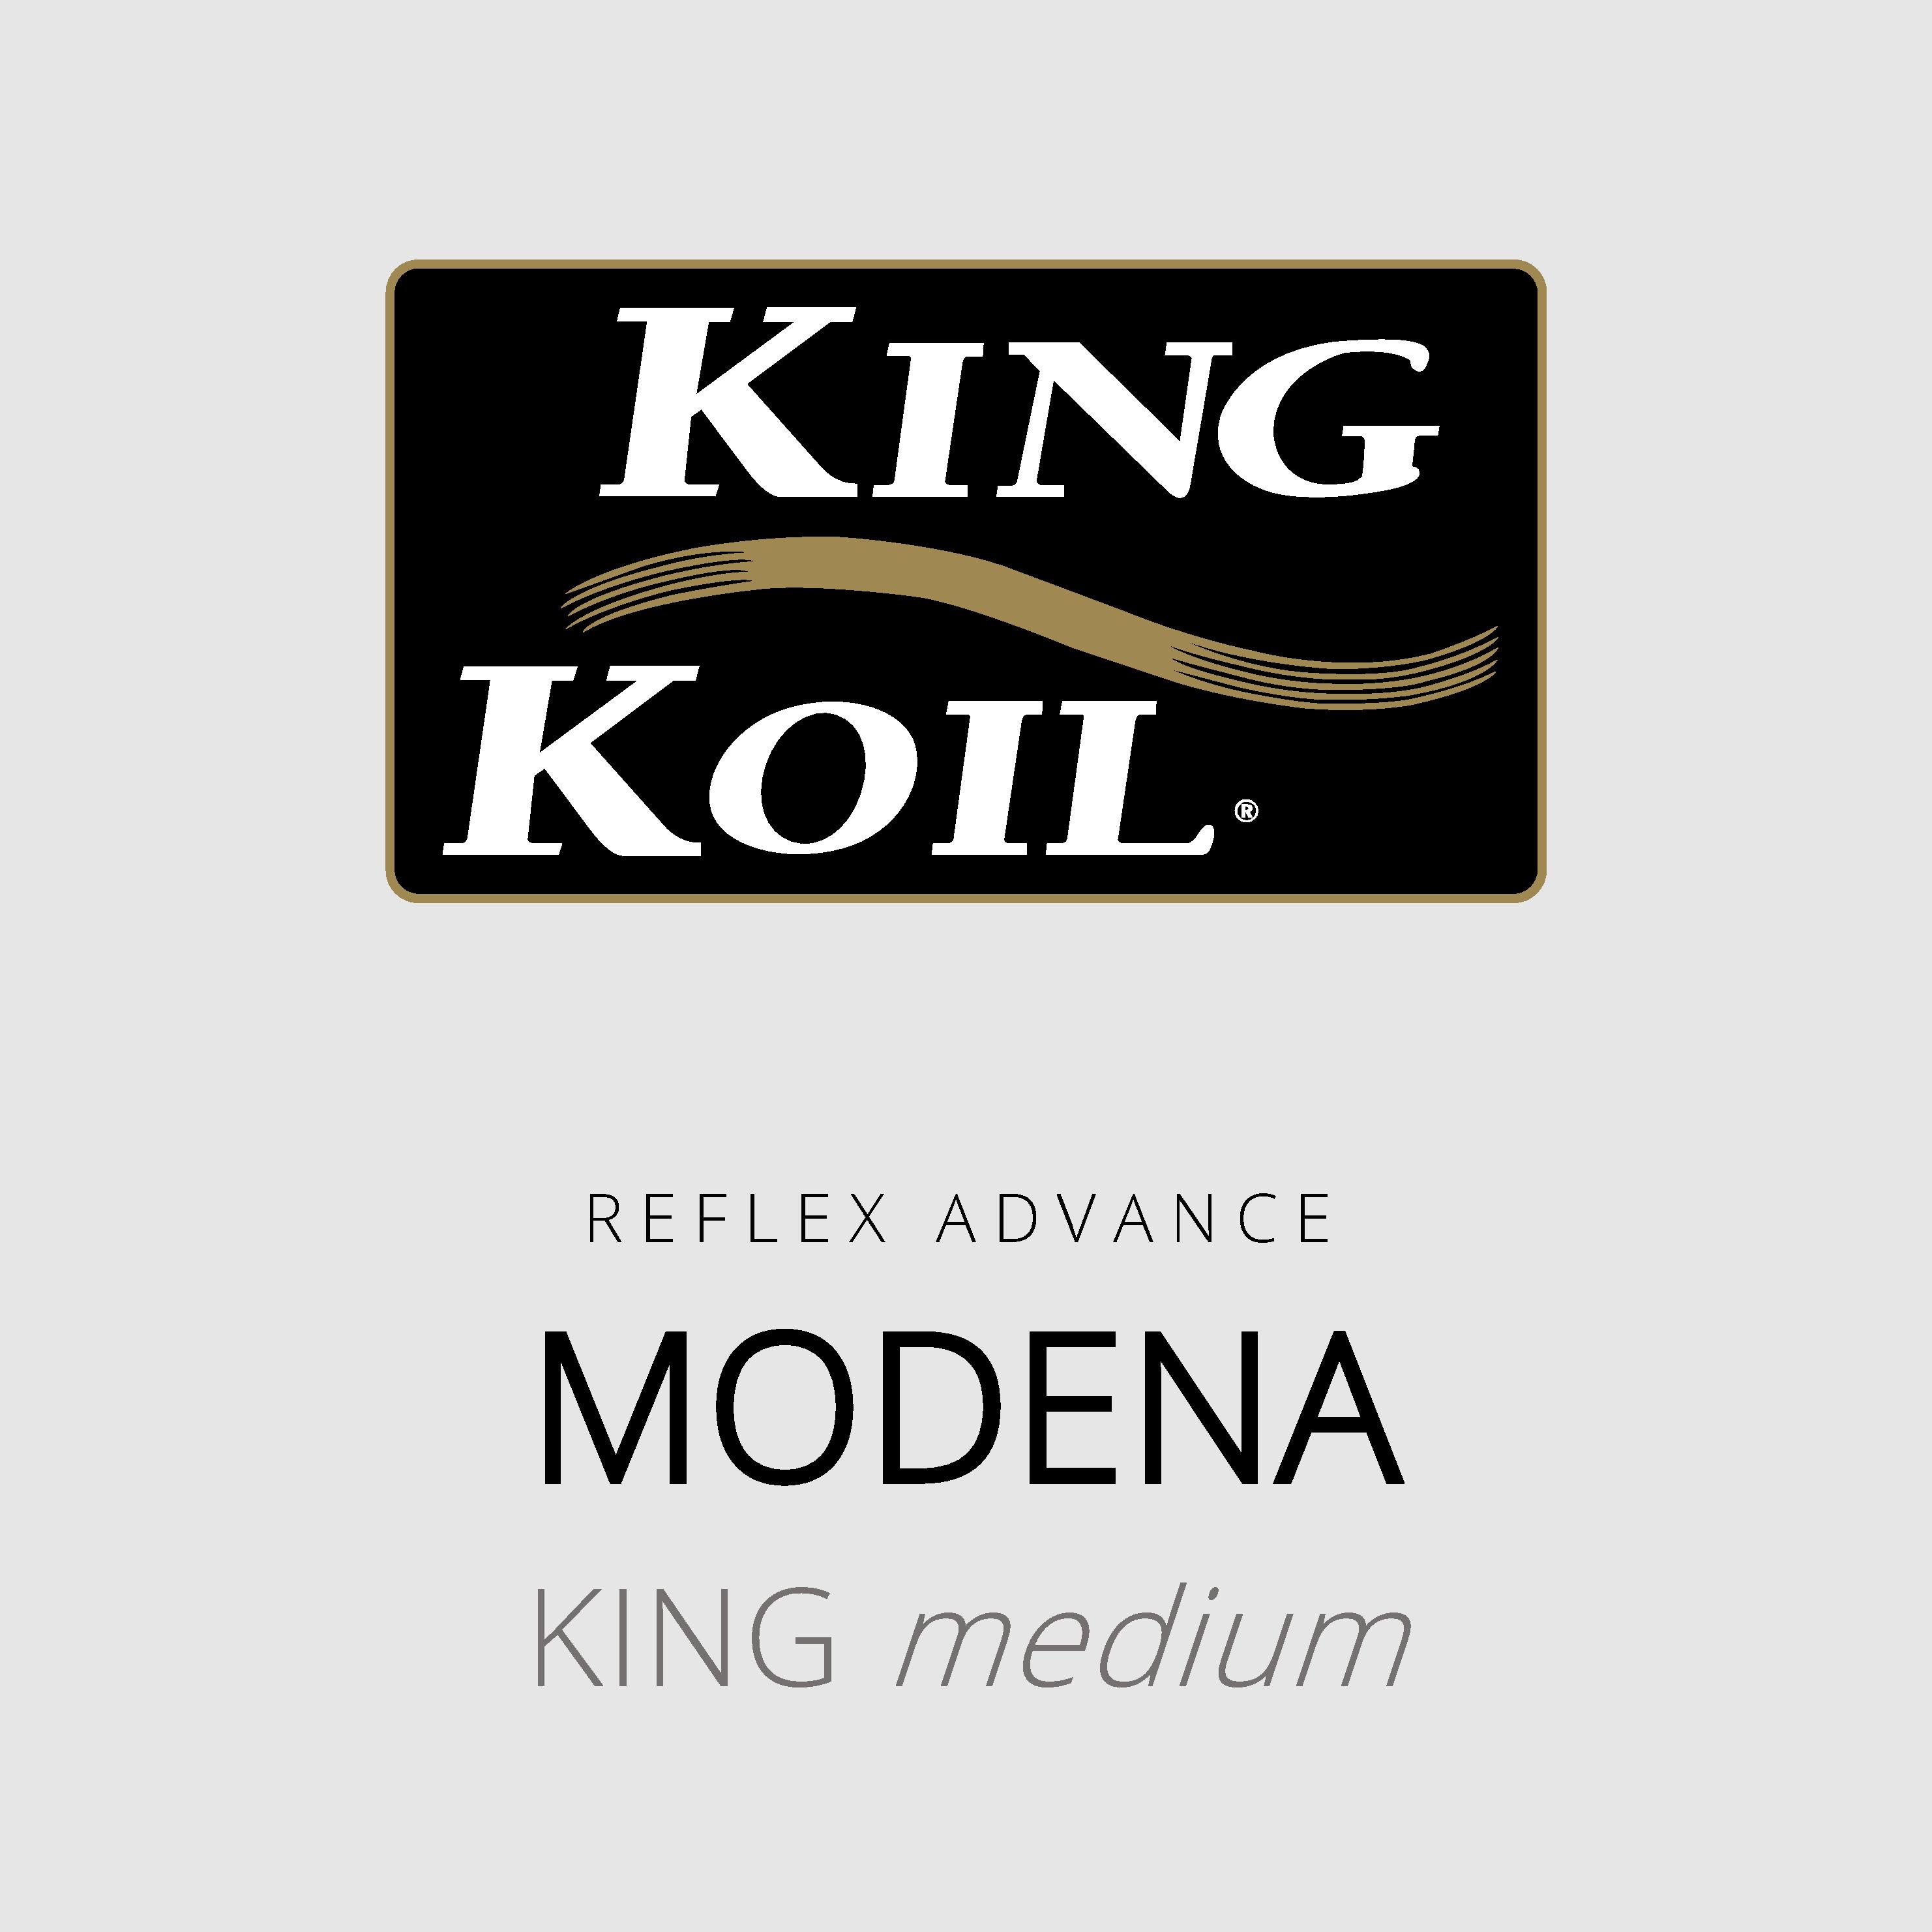 King Koil – Modena – Reflex Advance – King Medium Mattress